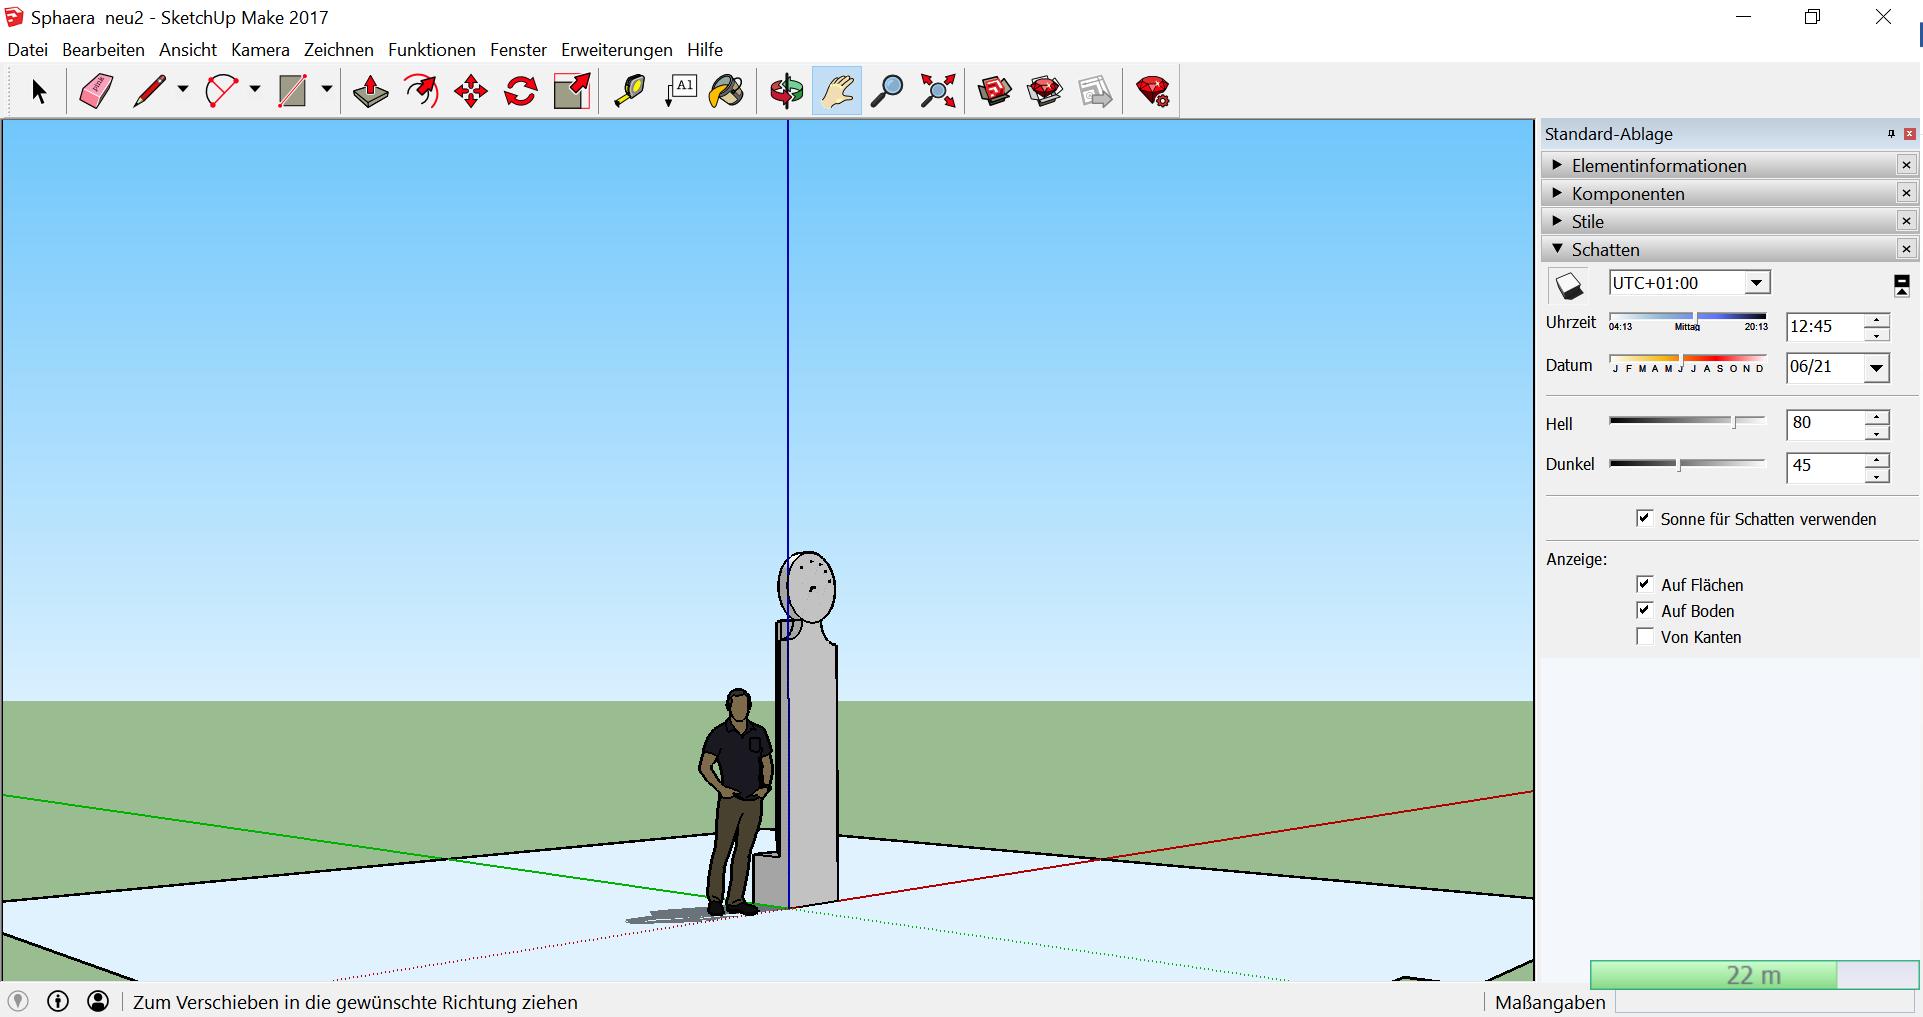 Bild 11: Konstruktion der Sphaera mit Sketchup (eigener Screenshot)